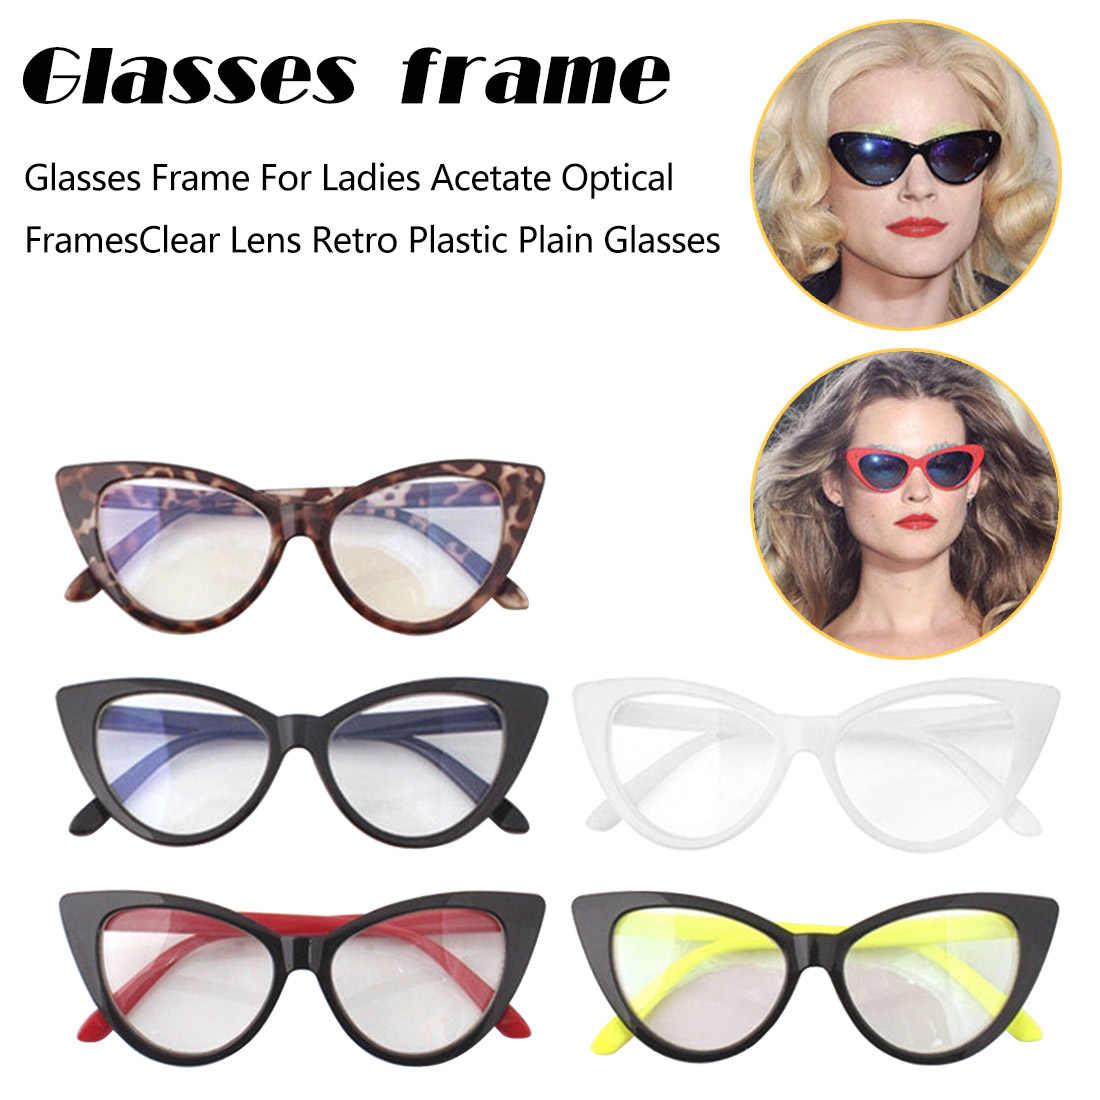 357becaaba ... Modern Elegant Design Cat Eyes Shape Glasses Frame For Ladies Acetate  Optical Frames Retro Plastic Plain